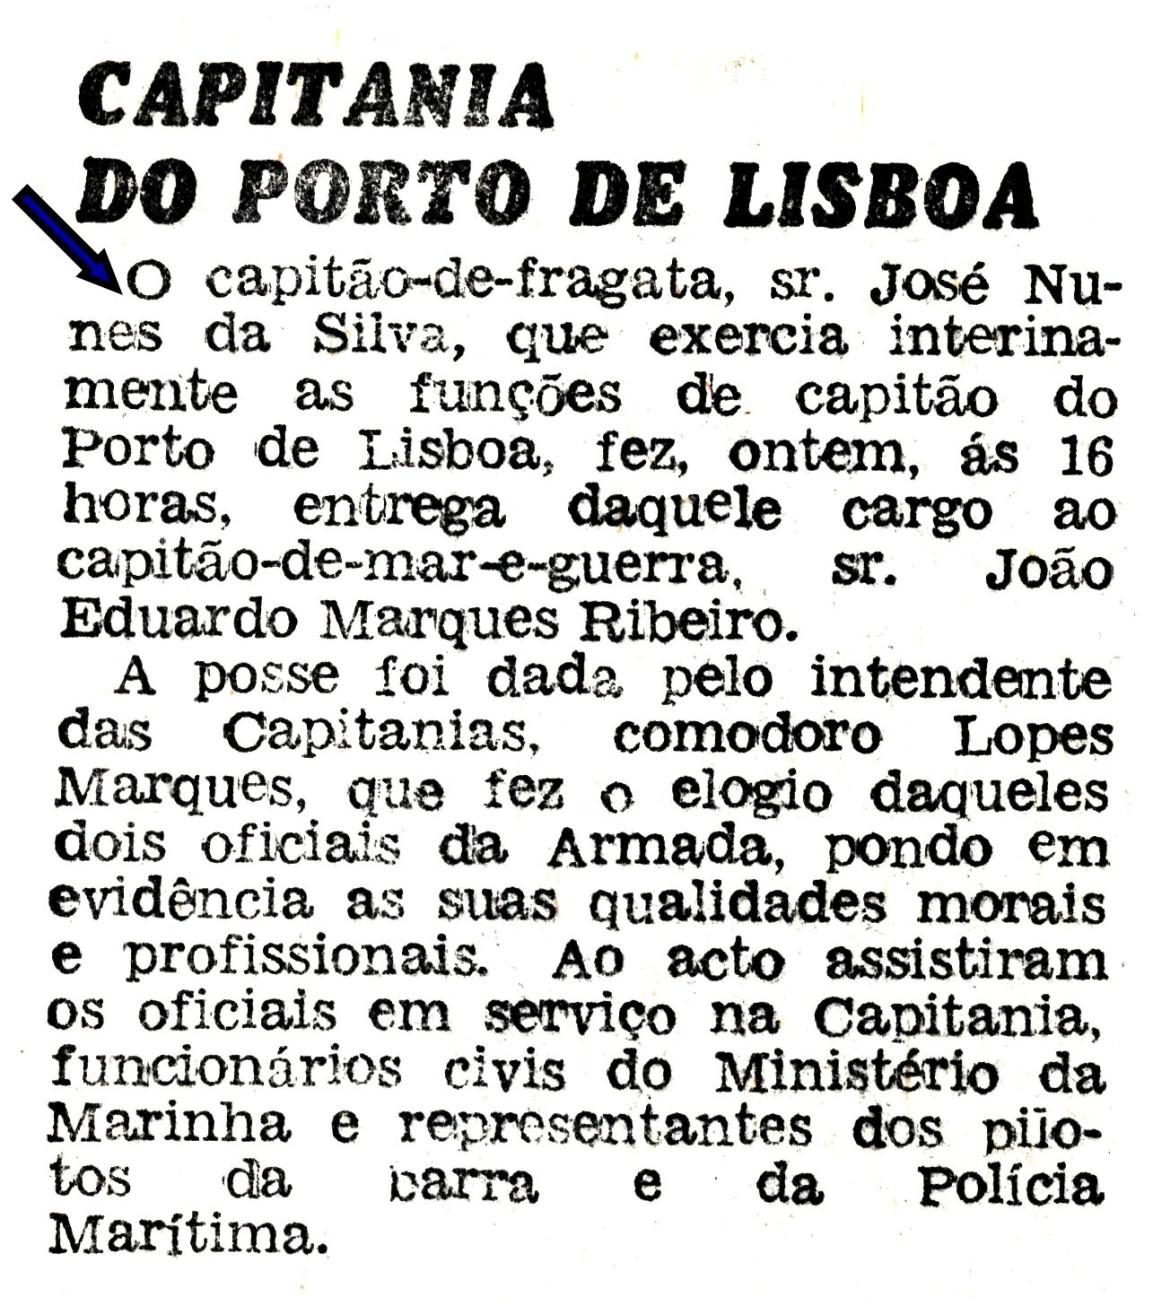 00633 973-08 notícia de jornal da minha entrega das funções de Capitão do Porto de LIsboa e da posse do novo Capitão do Porto